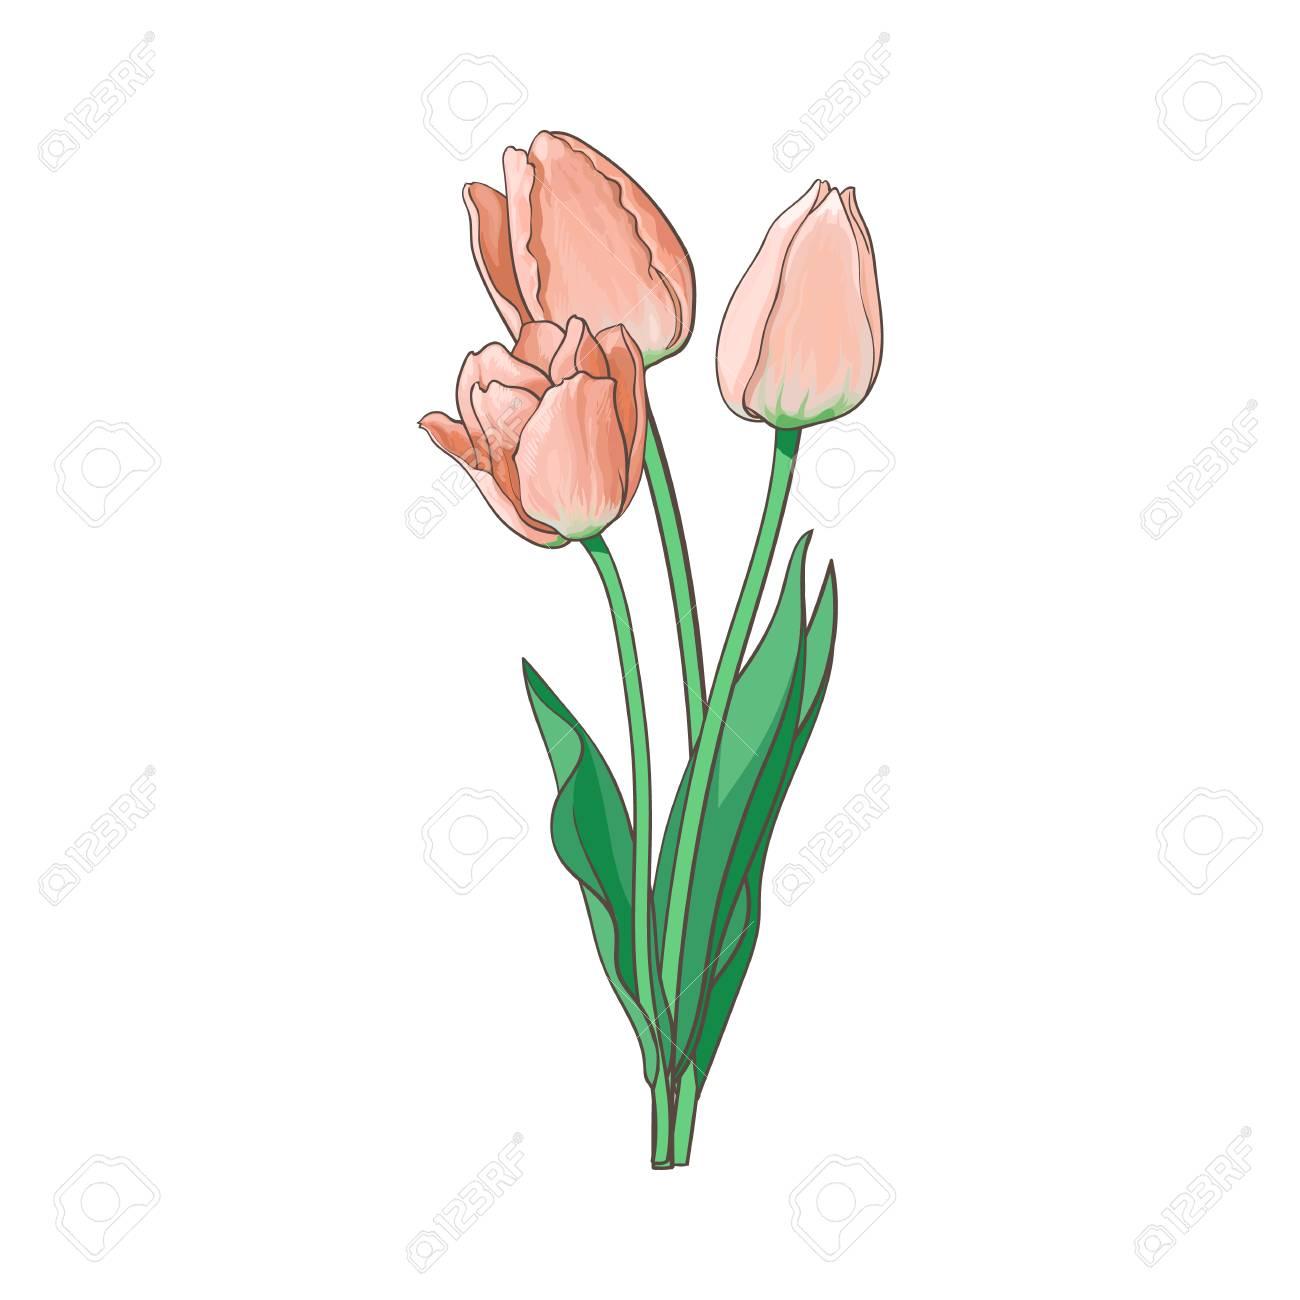 Illustration De Tulipe De Vecteur Isolé Sur Fond Blanc Bouquet De Fleurs Avec Fleur épanouie Tige Et Feuilles Réaliste Vue De Côté Dessiné à La